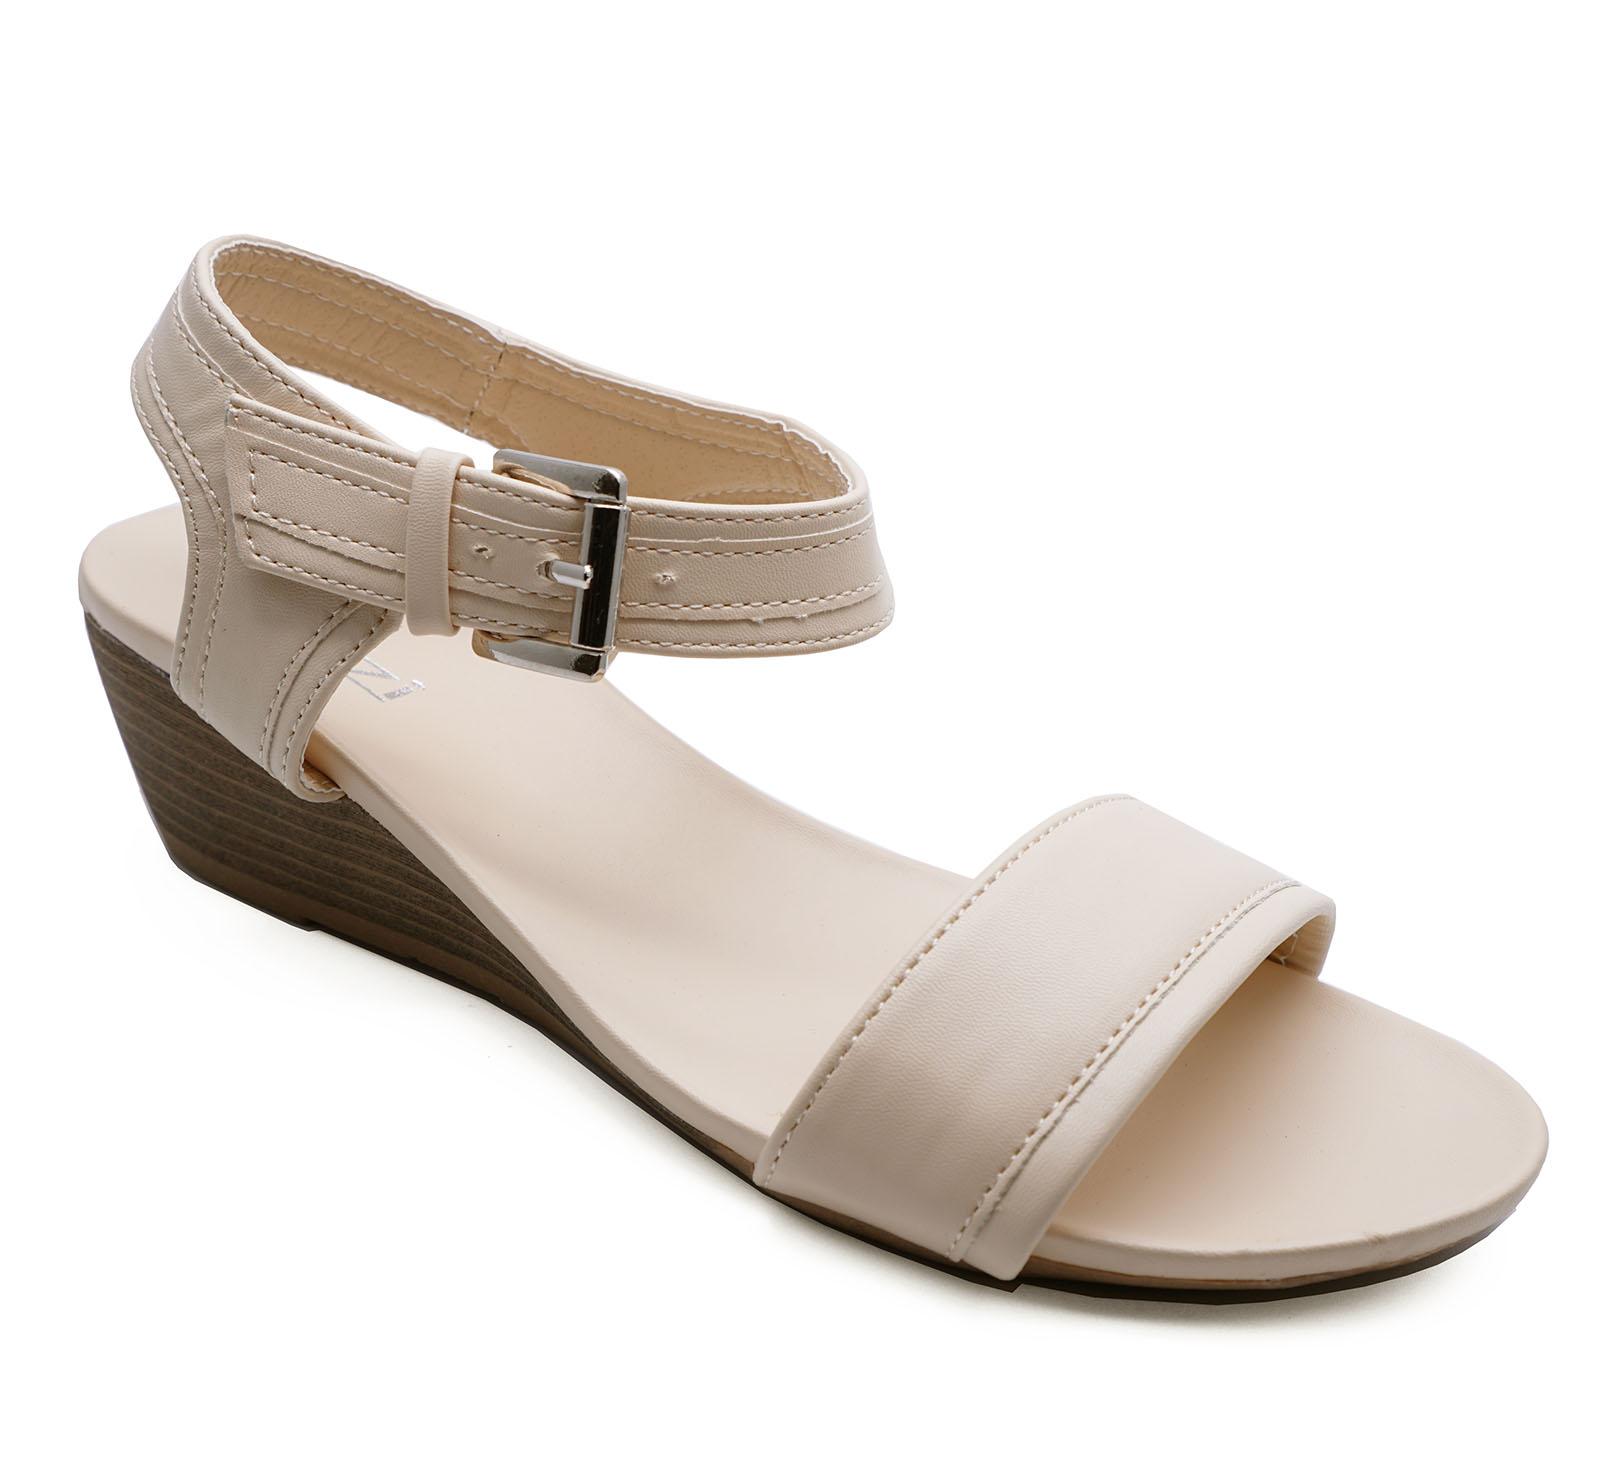 Ladies Nude Puntera Abierta Cuñas Sandalias Flip-Flop Vacaciones de Verano Zapatos para Caminar 3-8